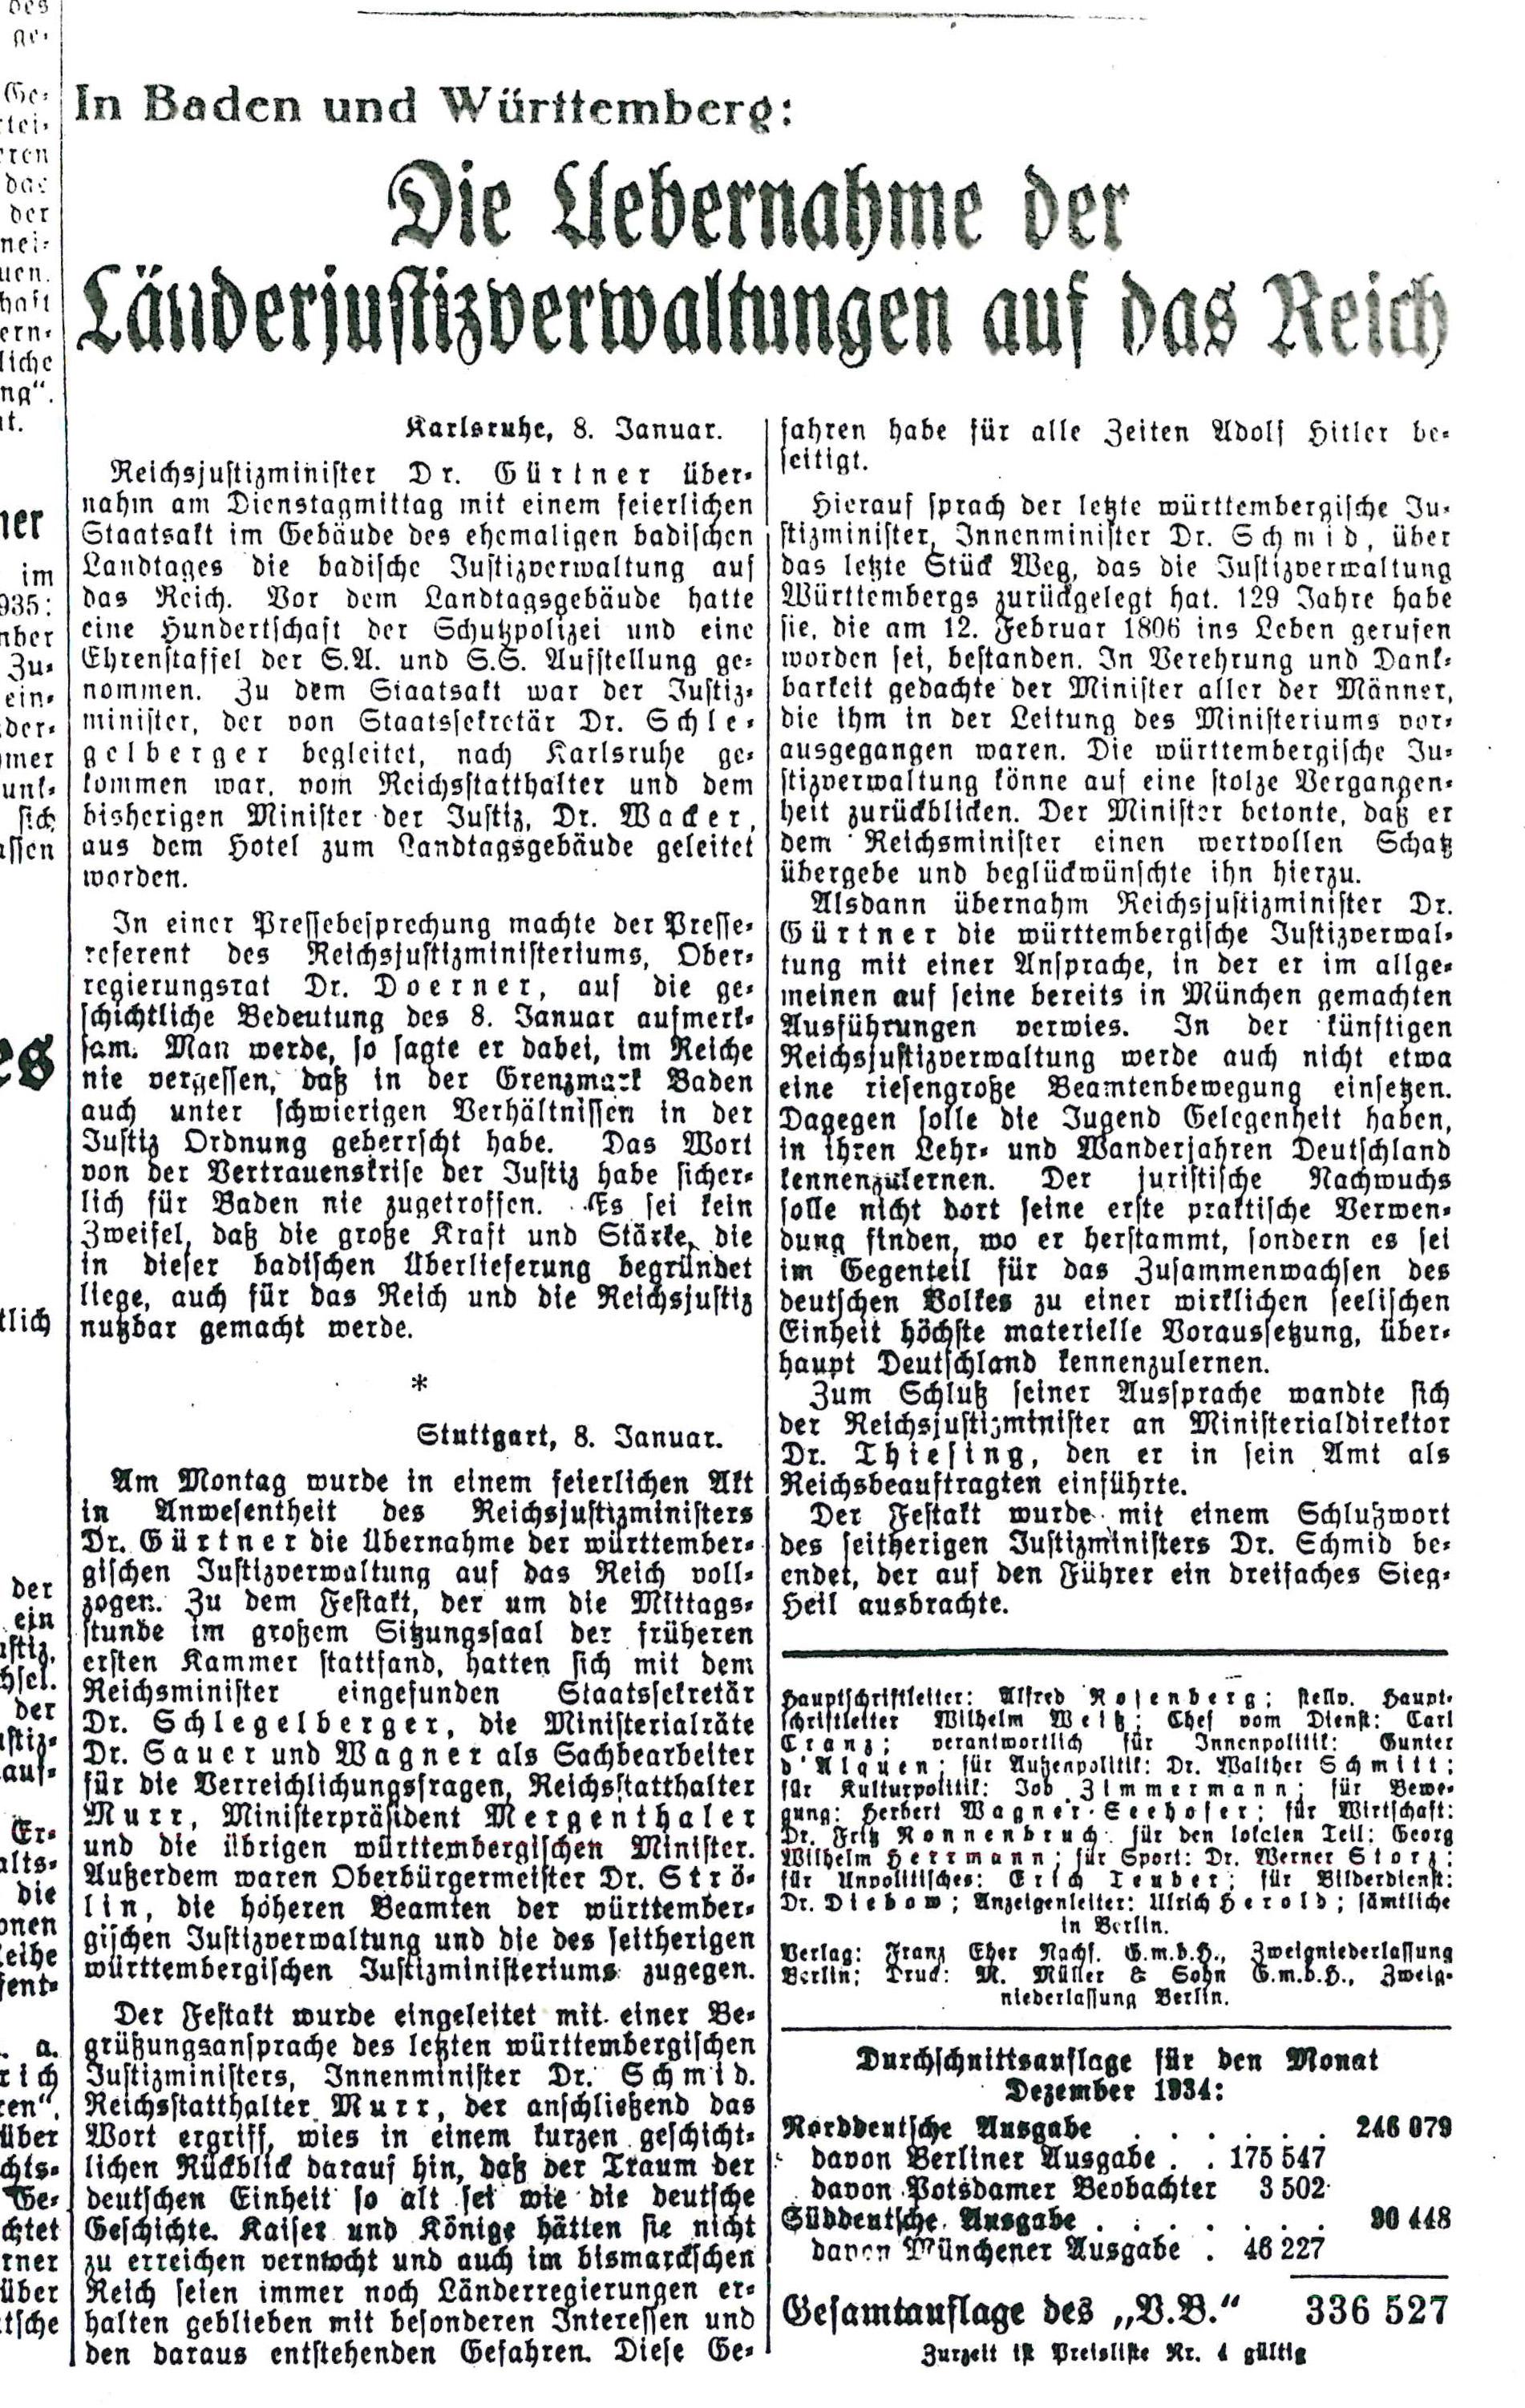 """Der Bericht im """"Völkischen Beobachter"""" zum Festakt anlässlich der Übernahme der badischen und Württembergischen Justiz im Januar 1935"""